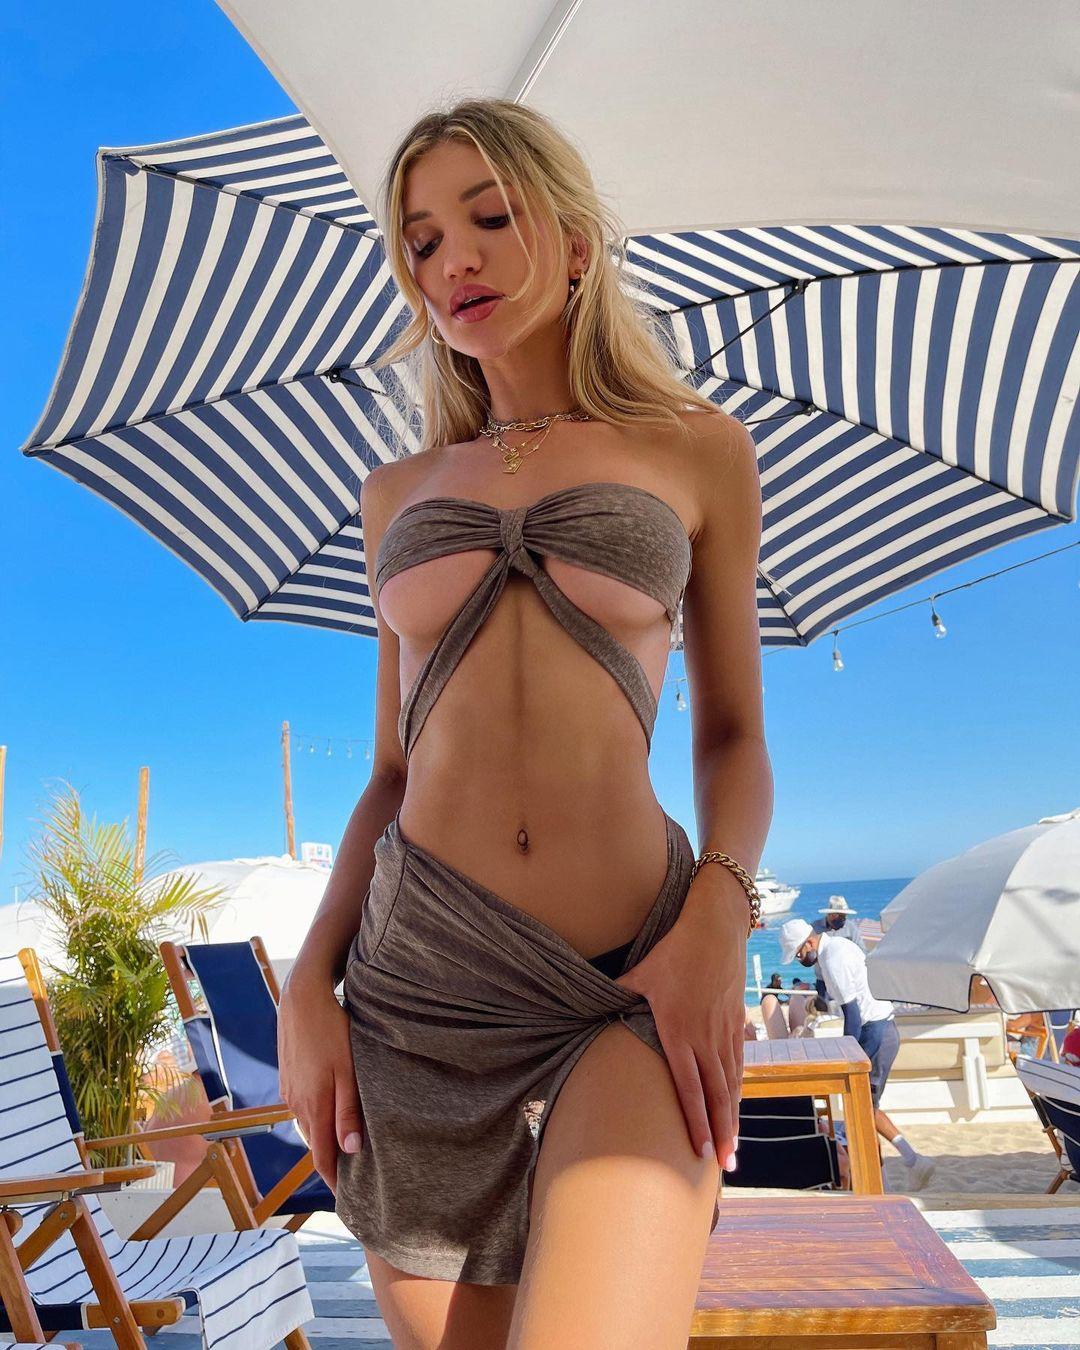 ガブリエラ・エプスタイン「美麗すぎる下乳が最高!」変形水着で浜辺を…【画像2枚】の画像001